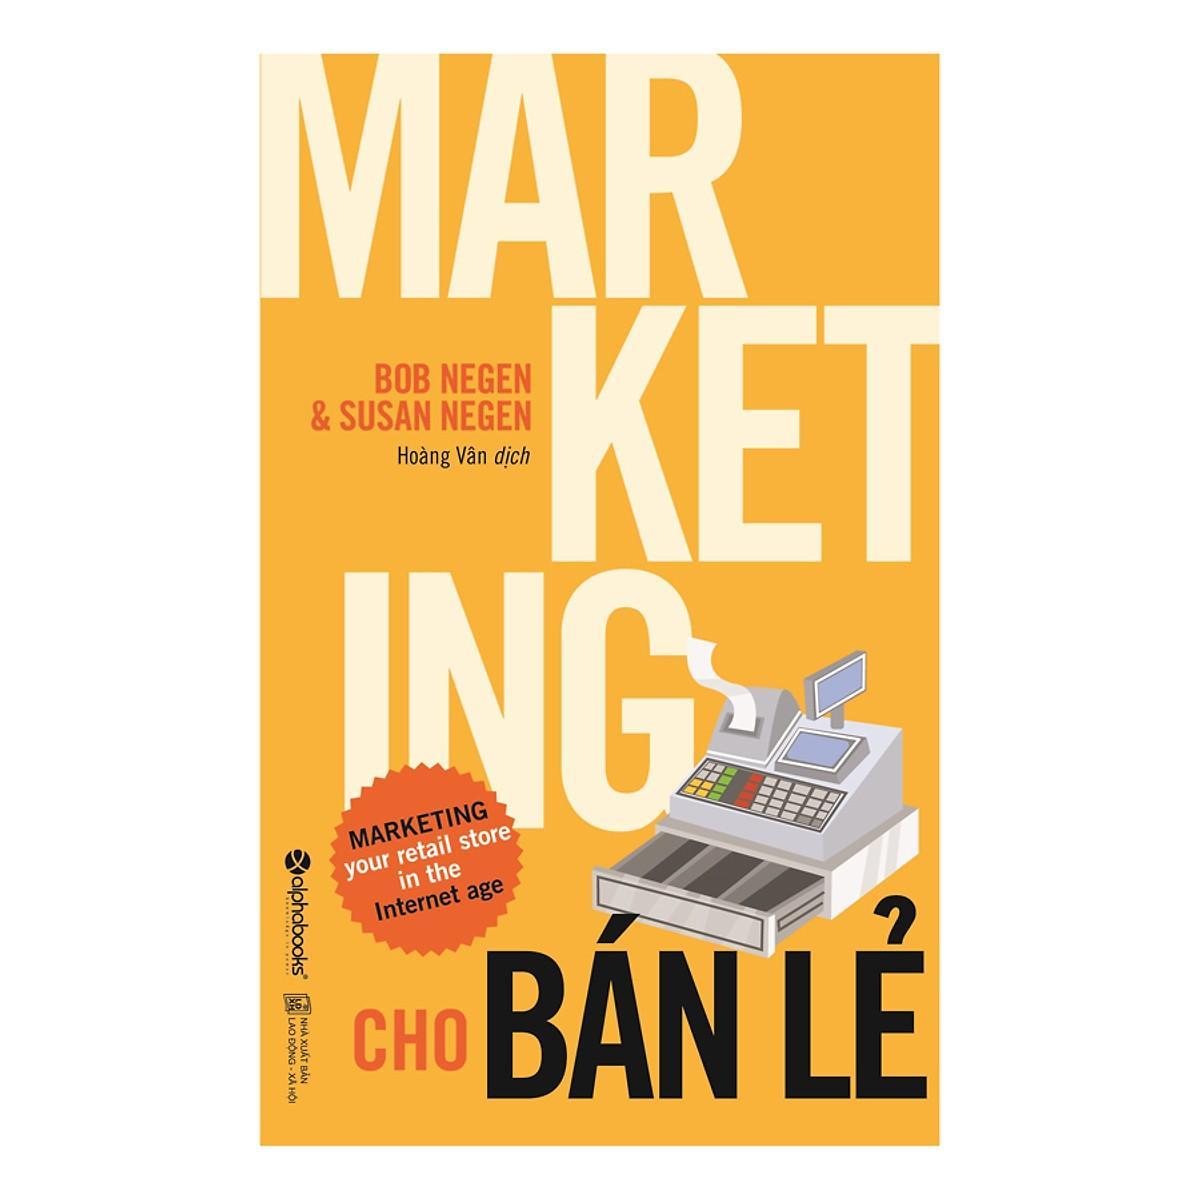 Sách - Marketing Cho Bán Lẻ Cùng Giá Khuyến Mãi Hot